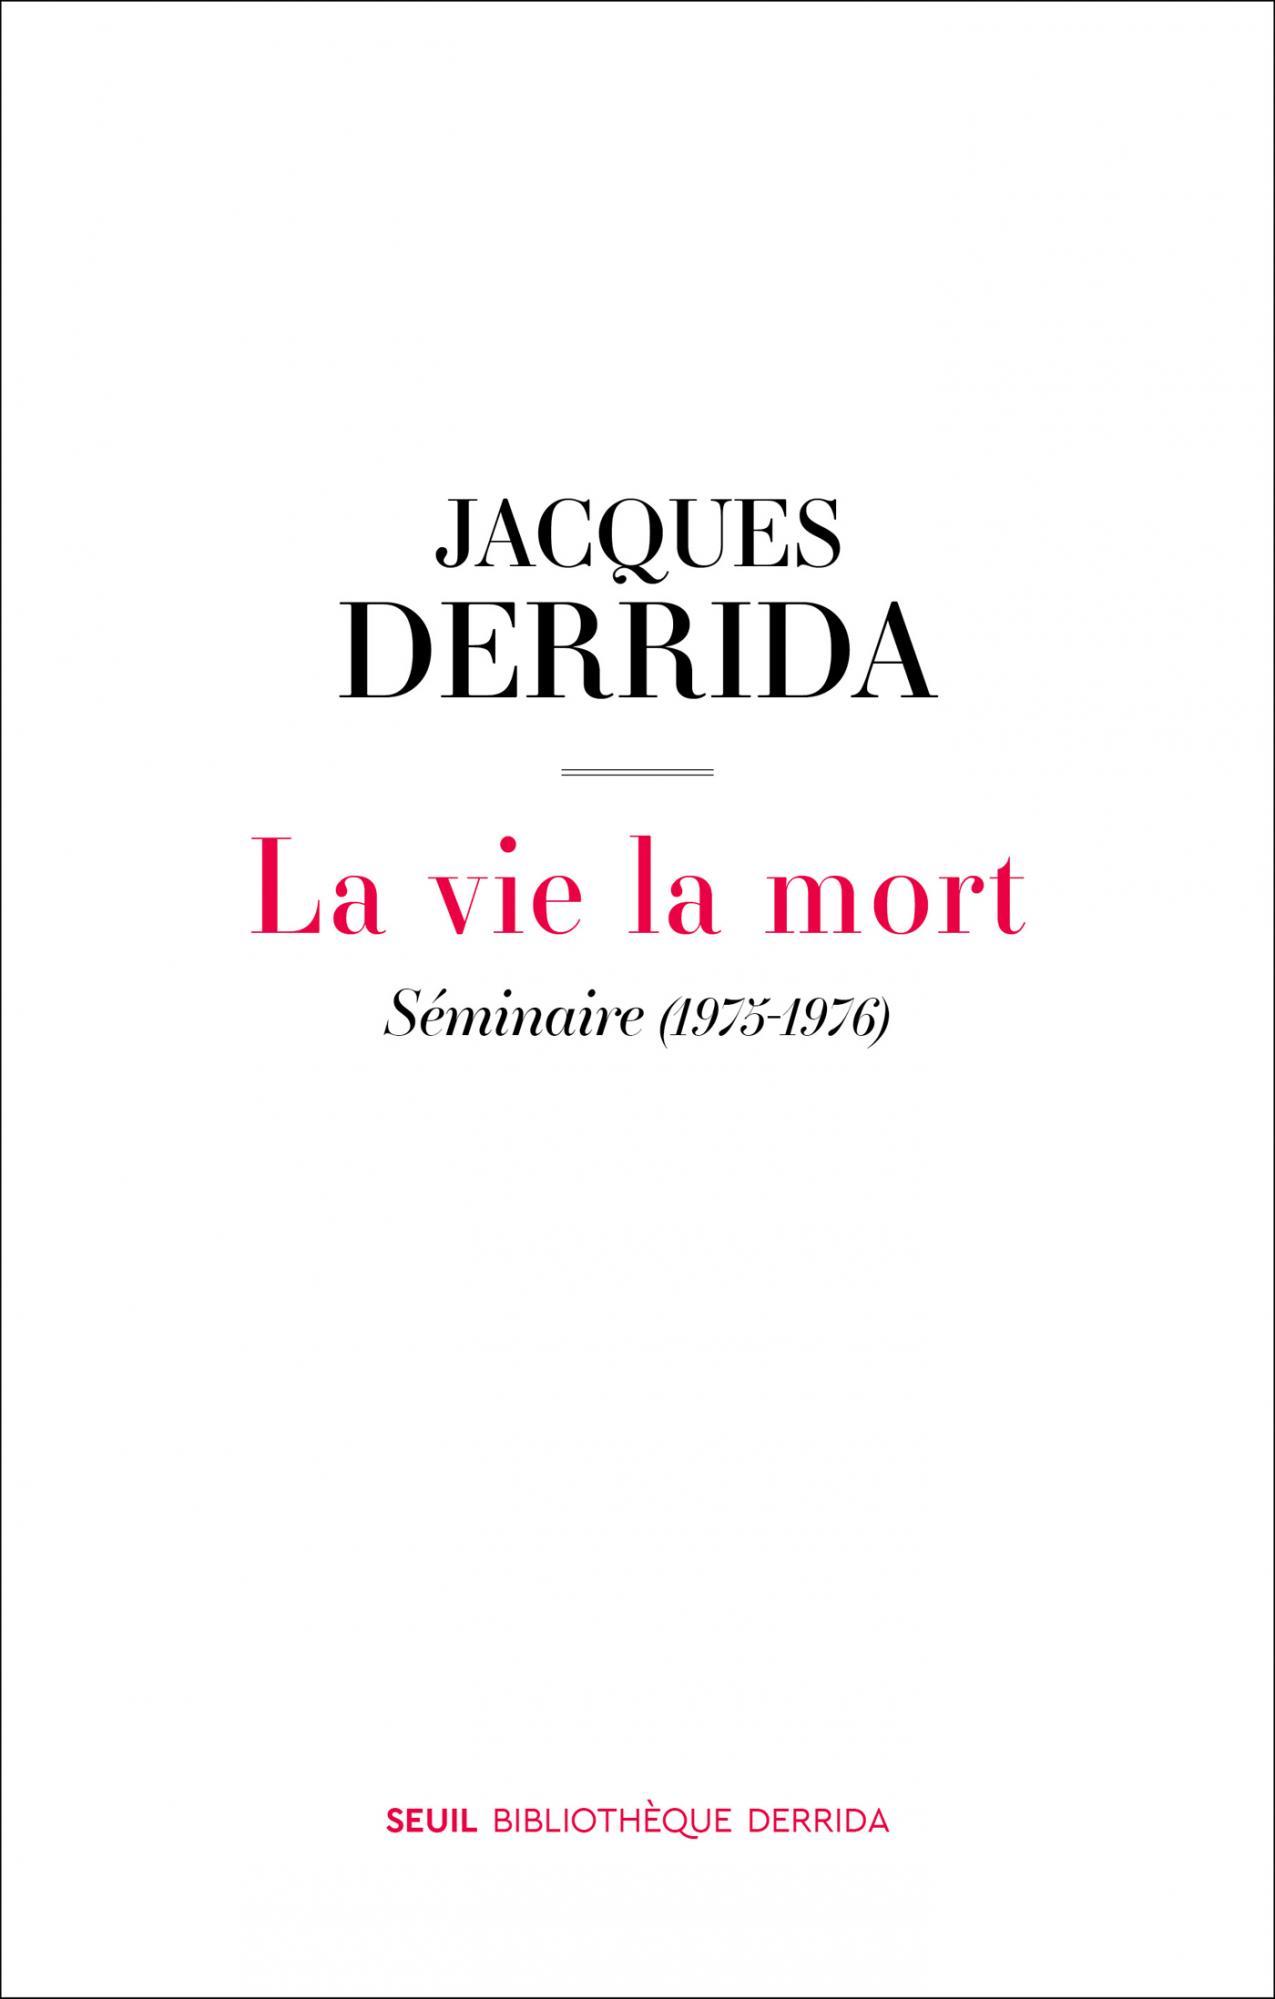 J. Derrida, La vie la mort. Séminaire 1975-1976